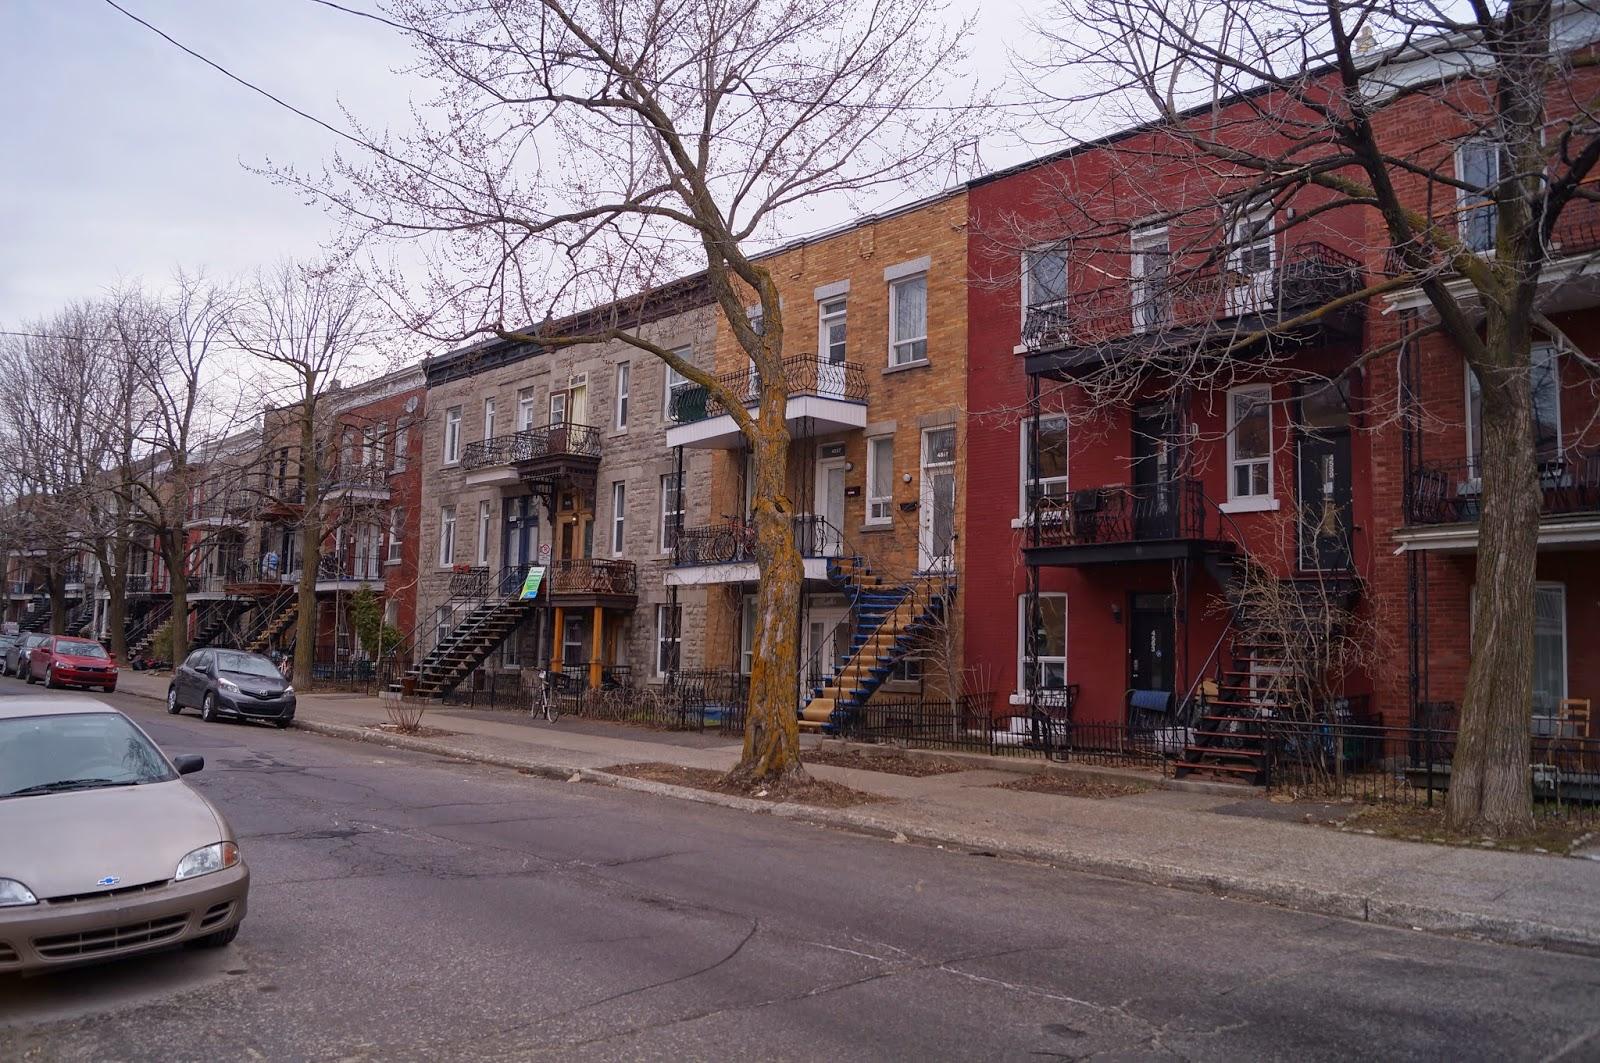 Urban kchoze: Les escaliers de Montréal vs towers of Toronto